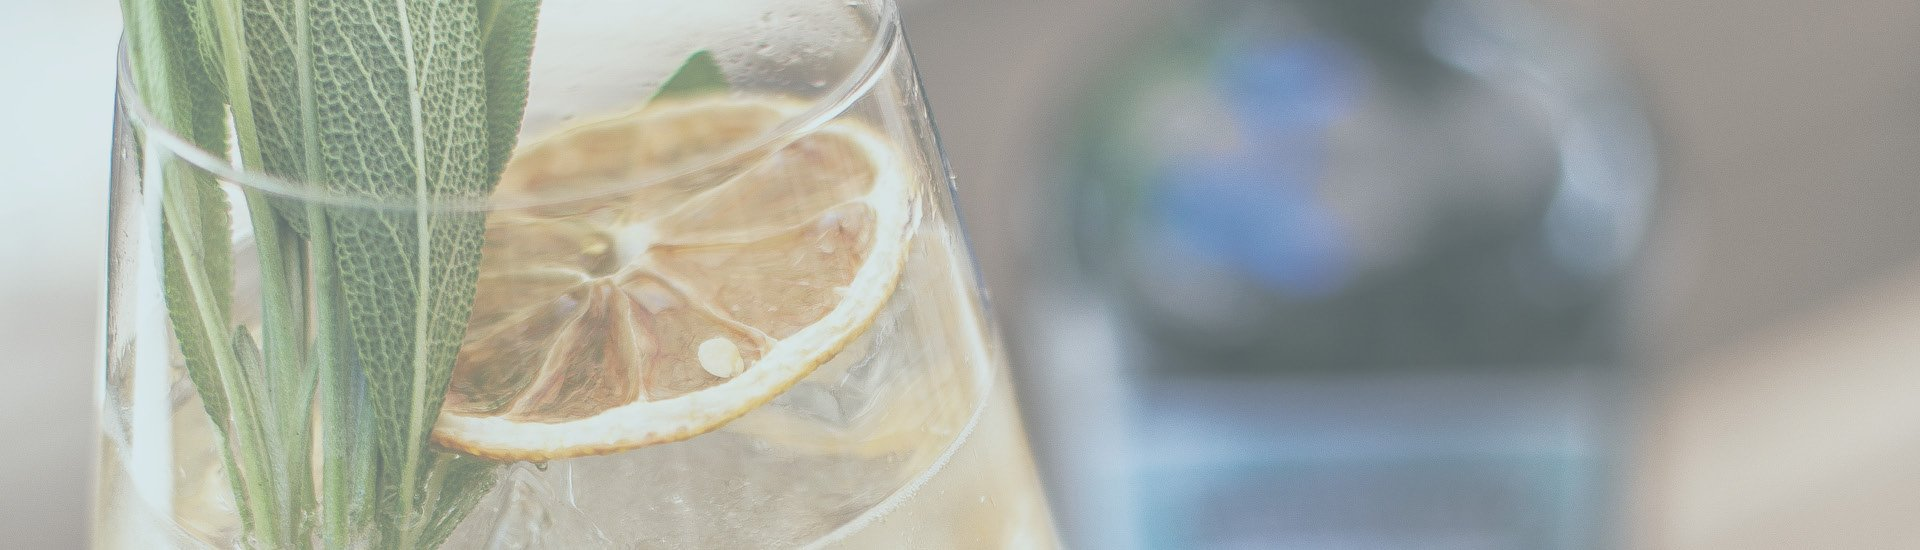 Spirituosen - Distillery of the Month: Ferdinand's Gin 06/2021 - Slider